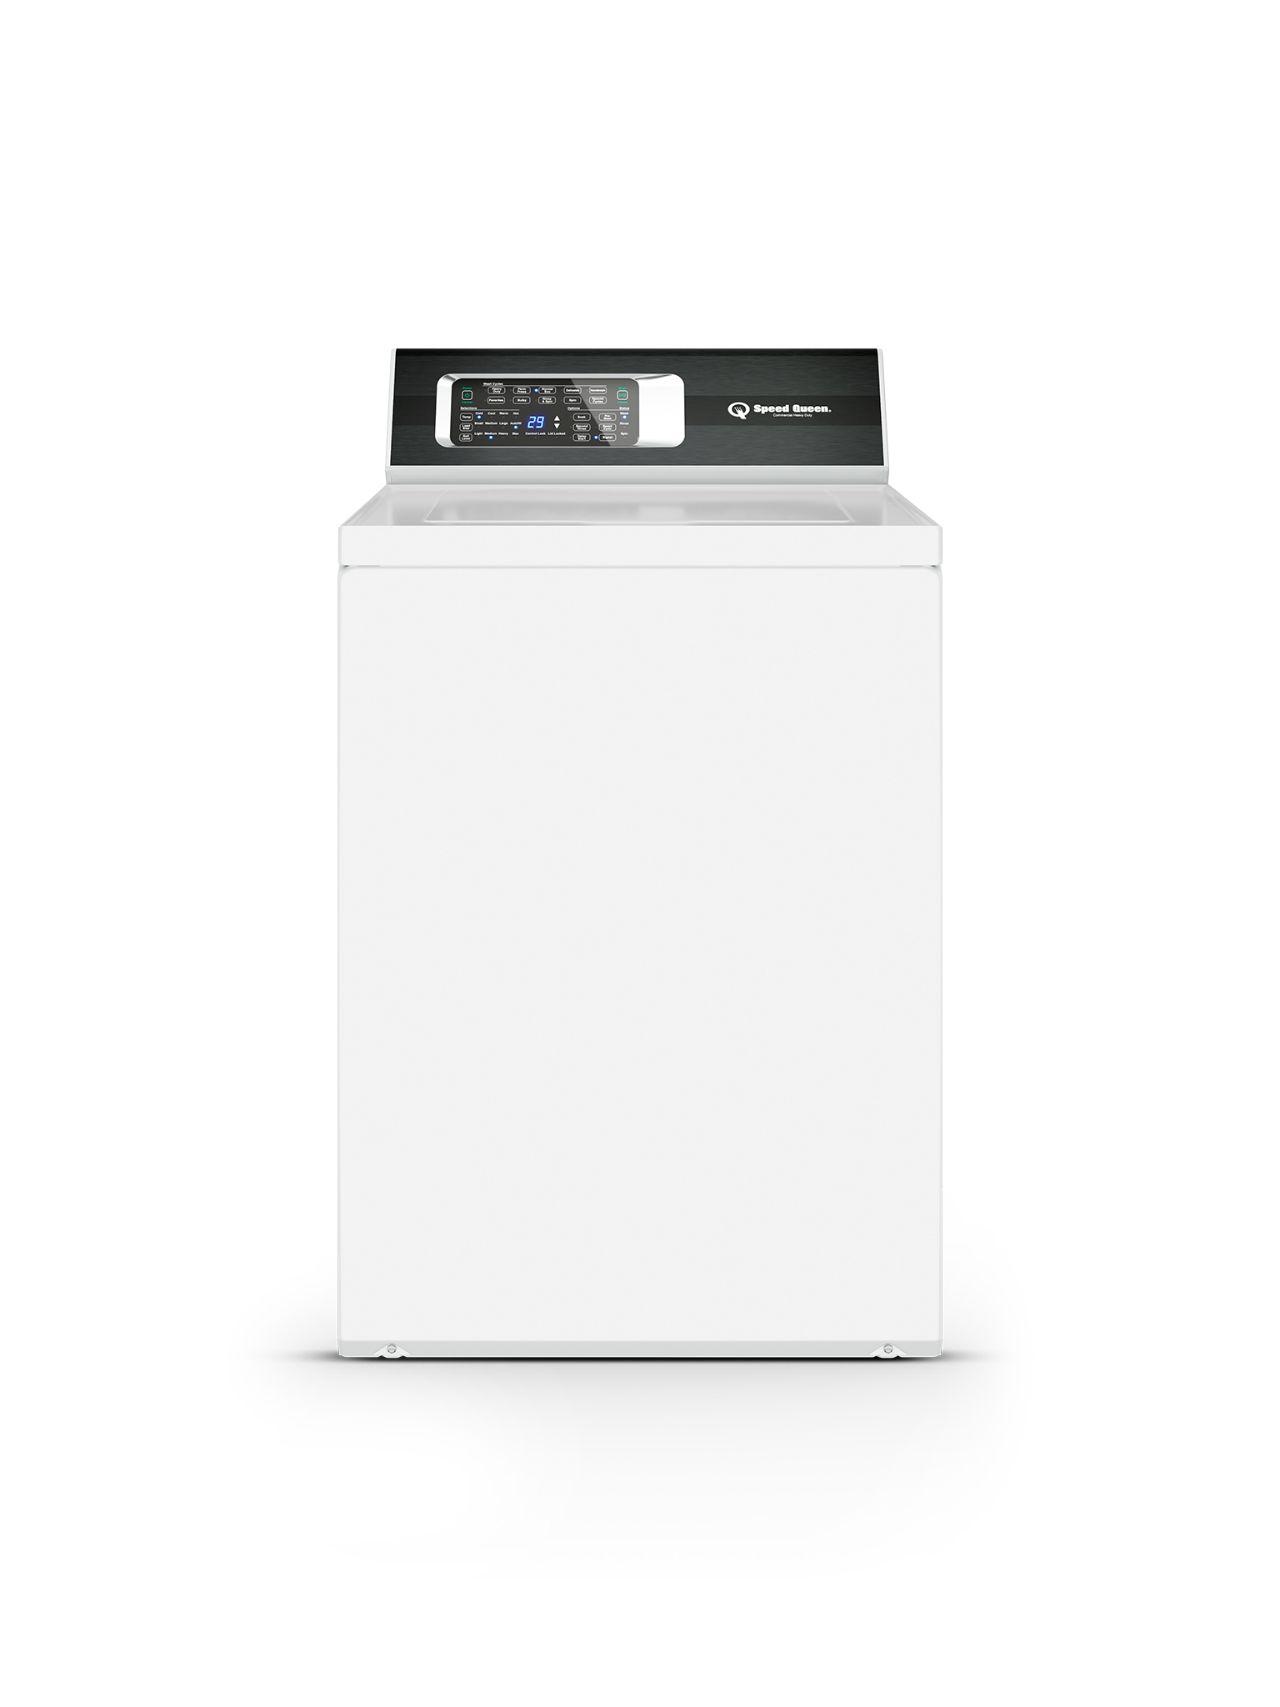 Speed Queen TR7 Washing Machine   CJ Appliances